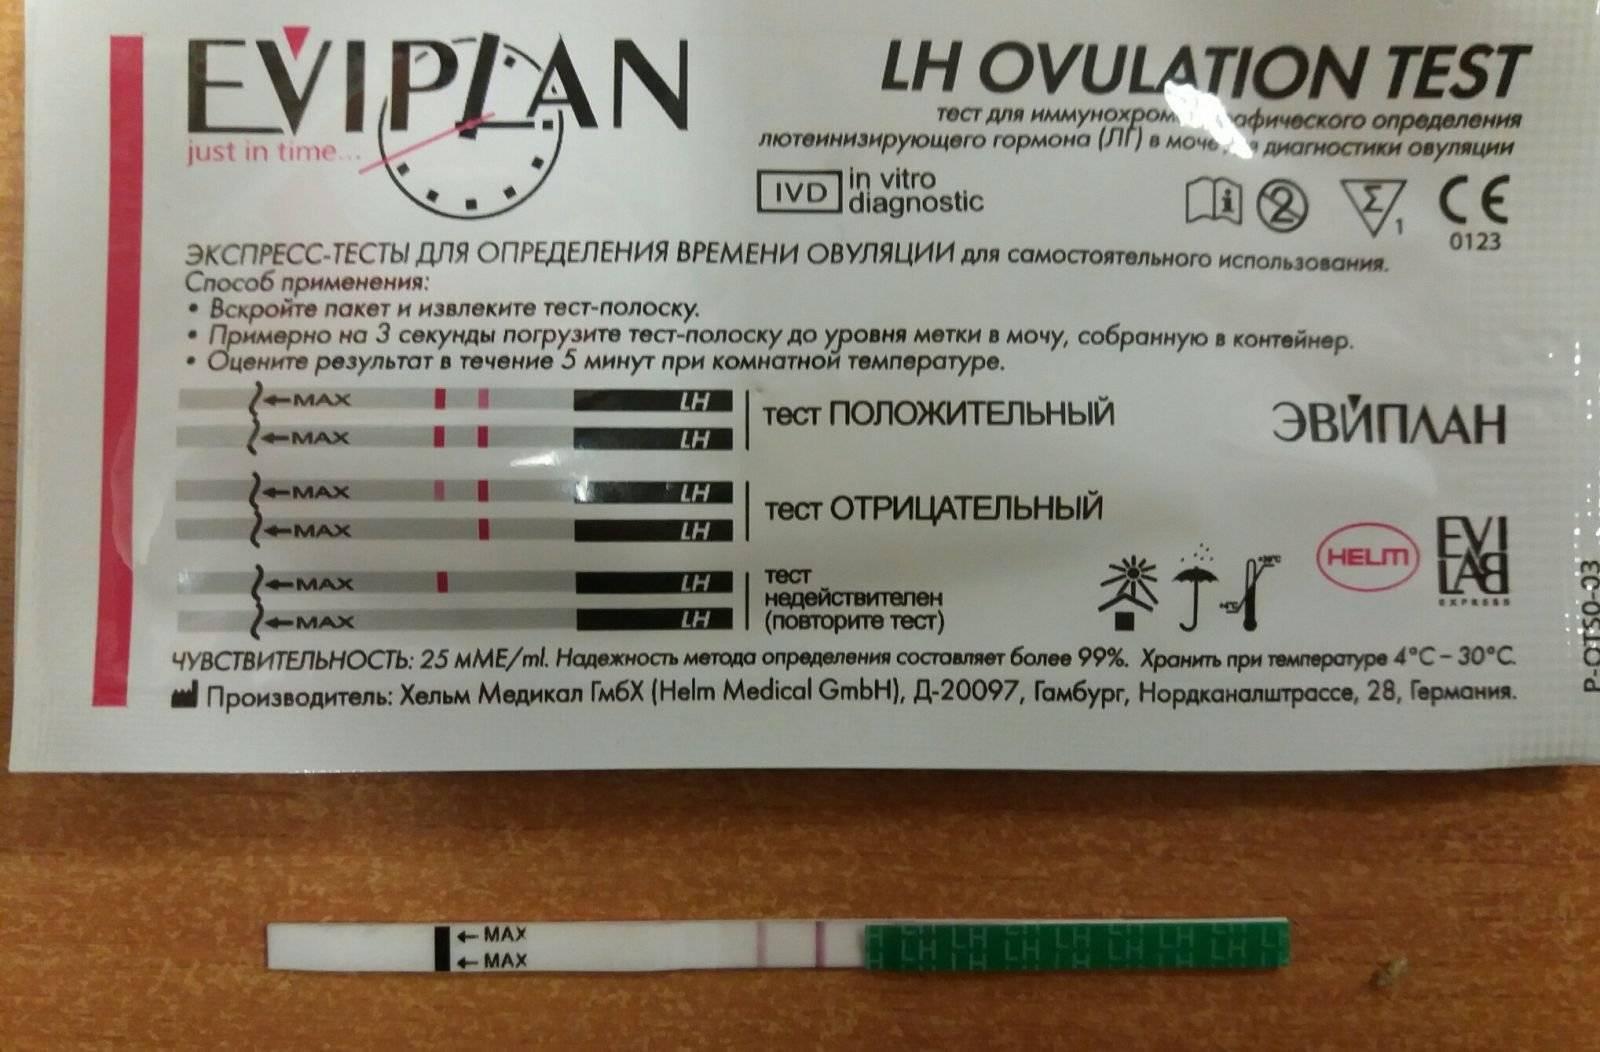 Когда заниматься зачатием, если тест на овуляцию показал положительный результат